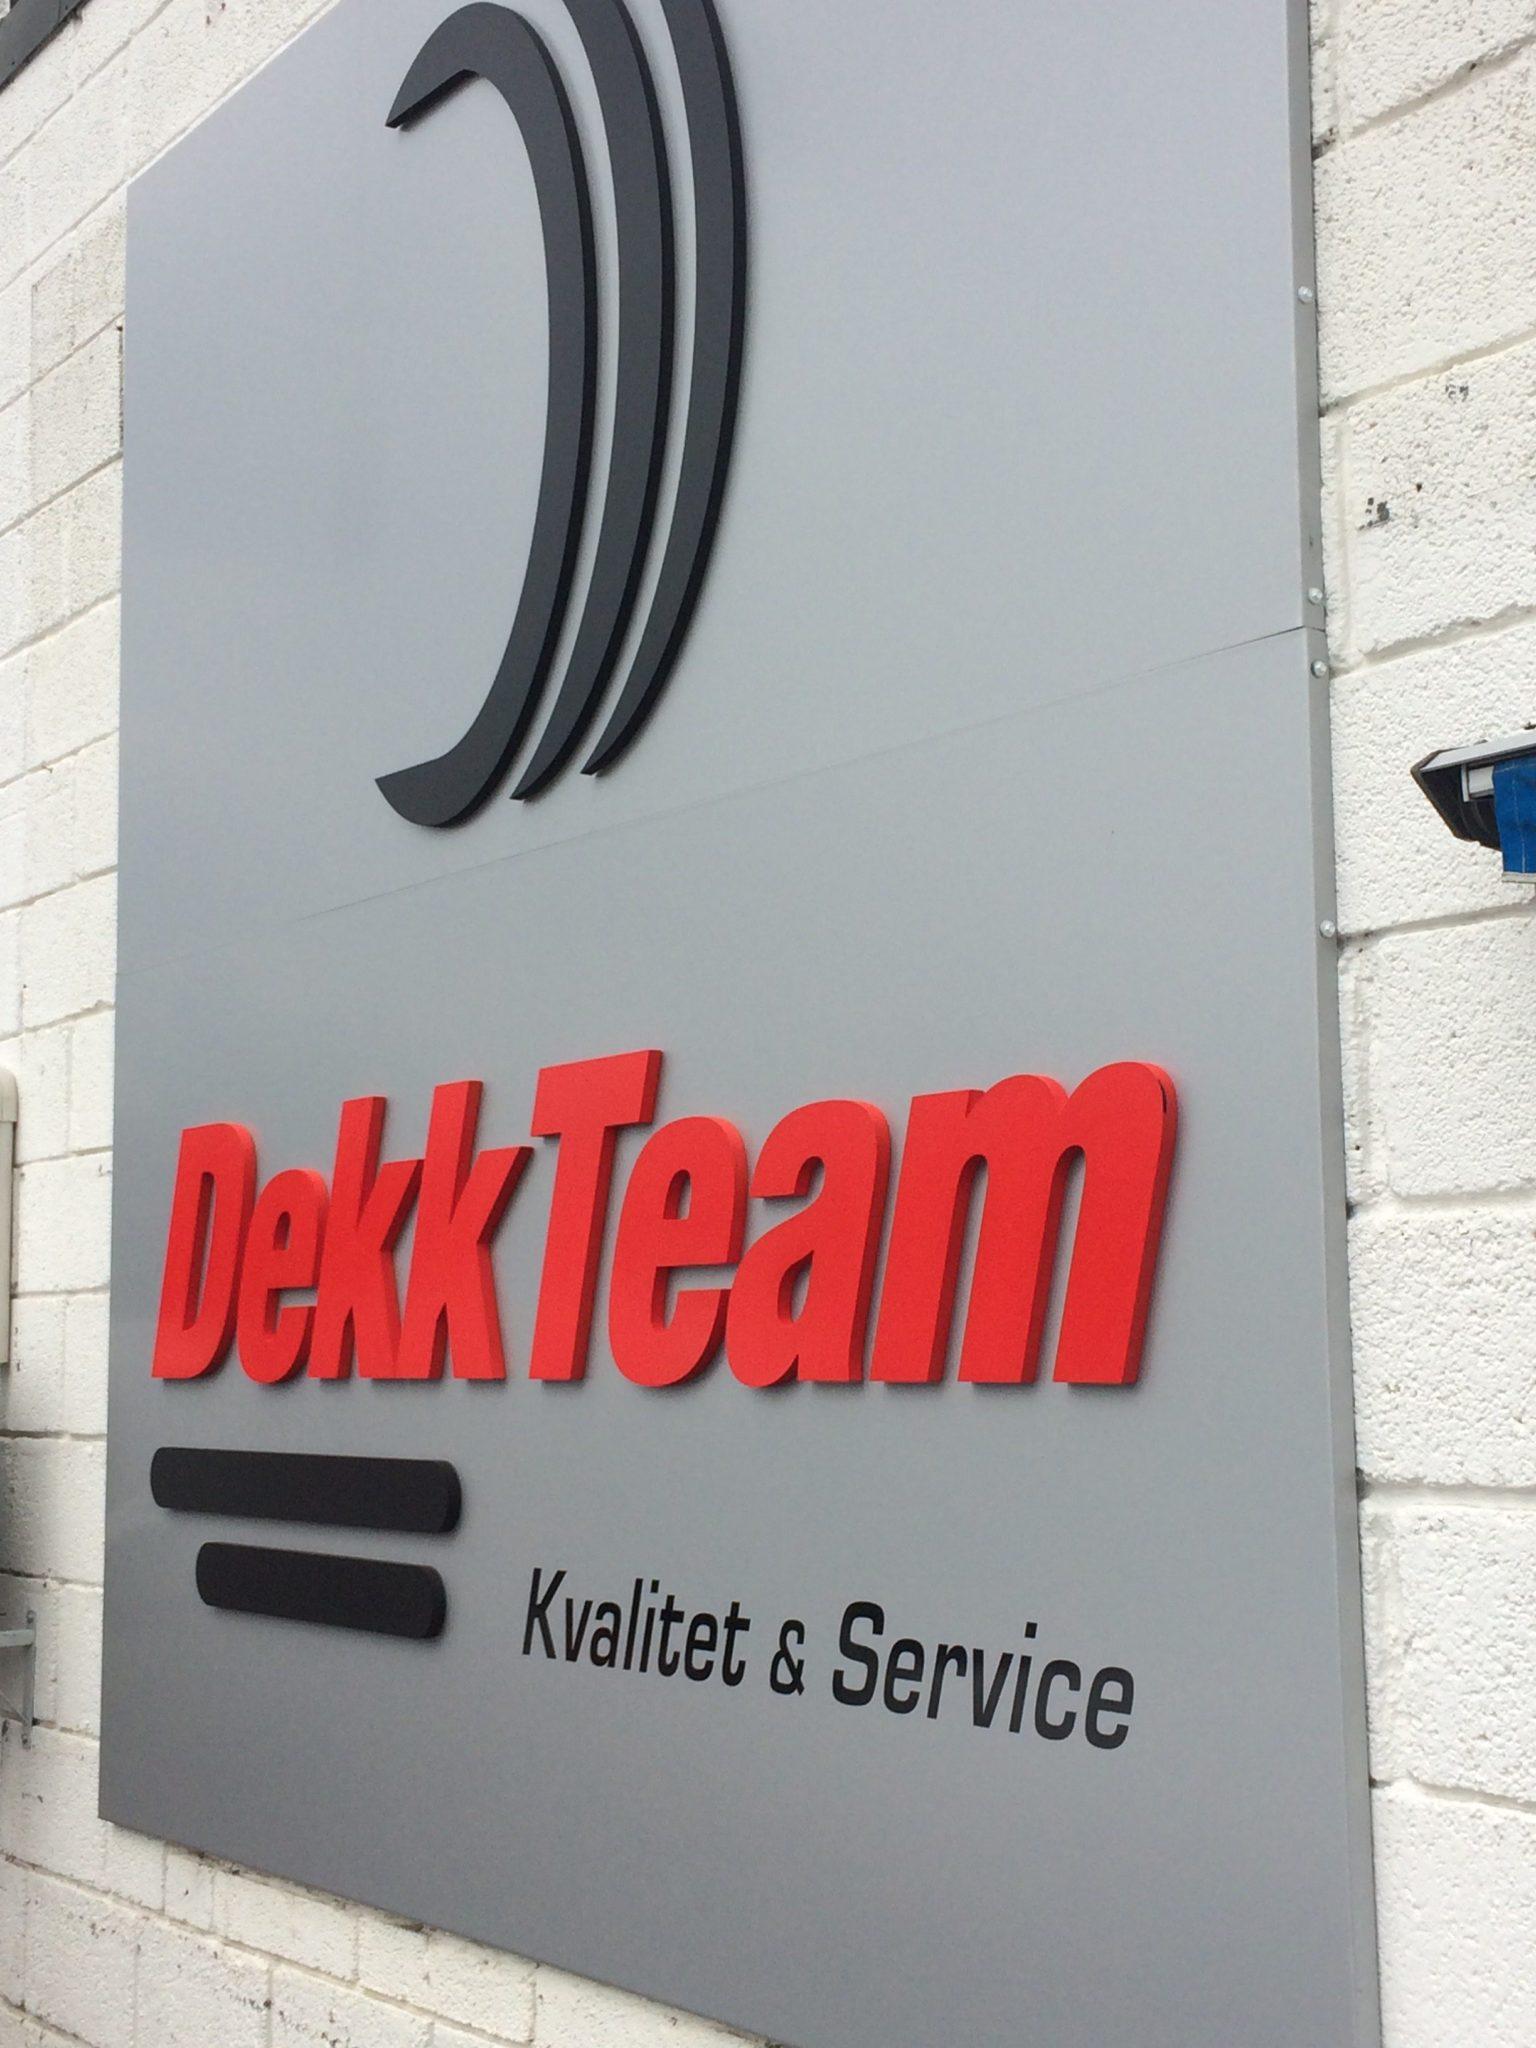 Aluminiumsskilt med utfrest logo for DekkTeam